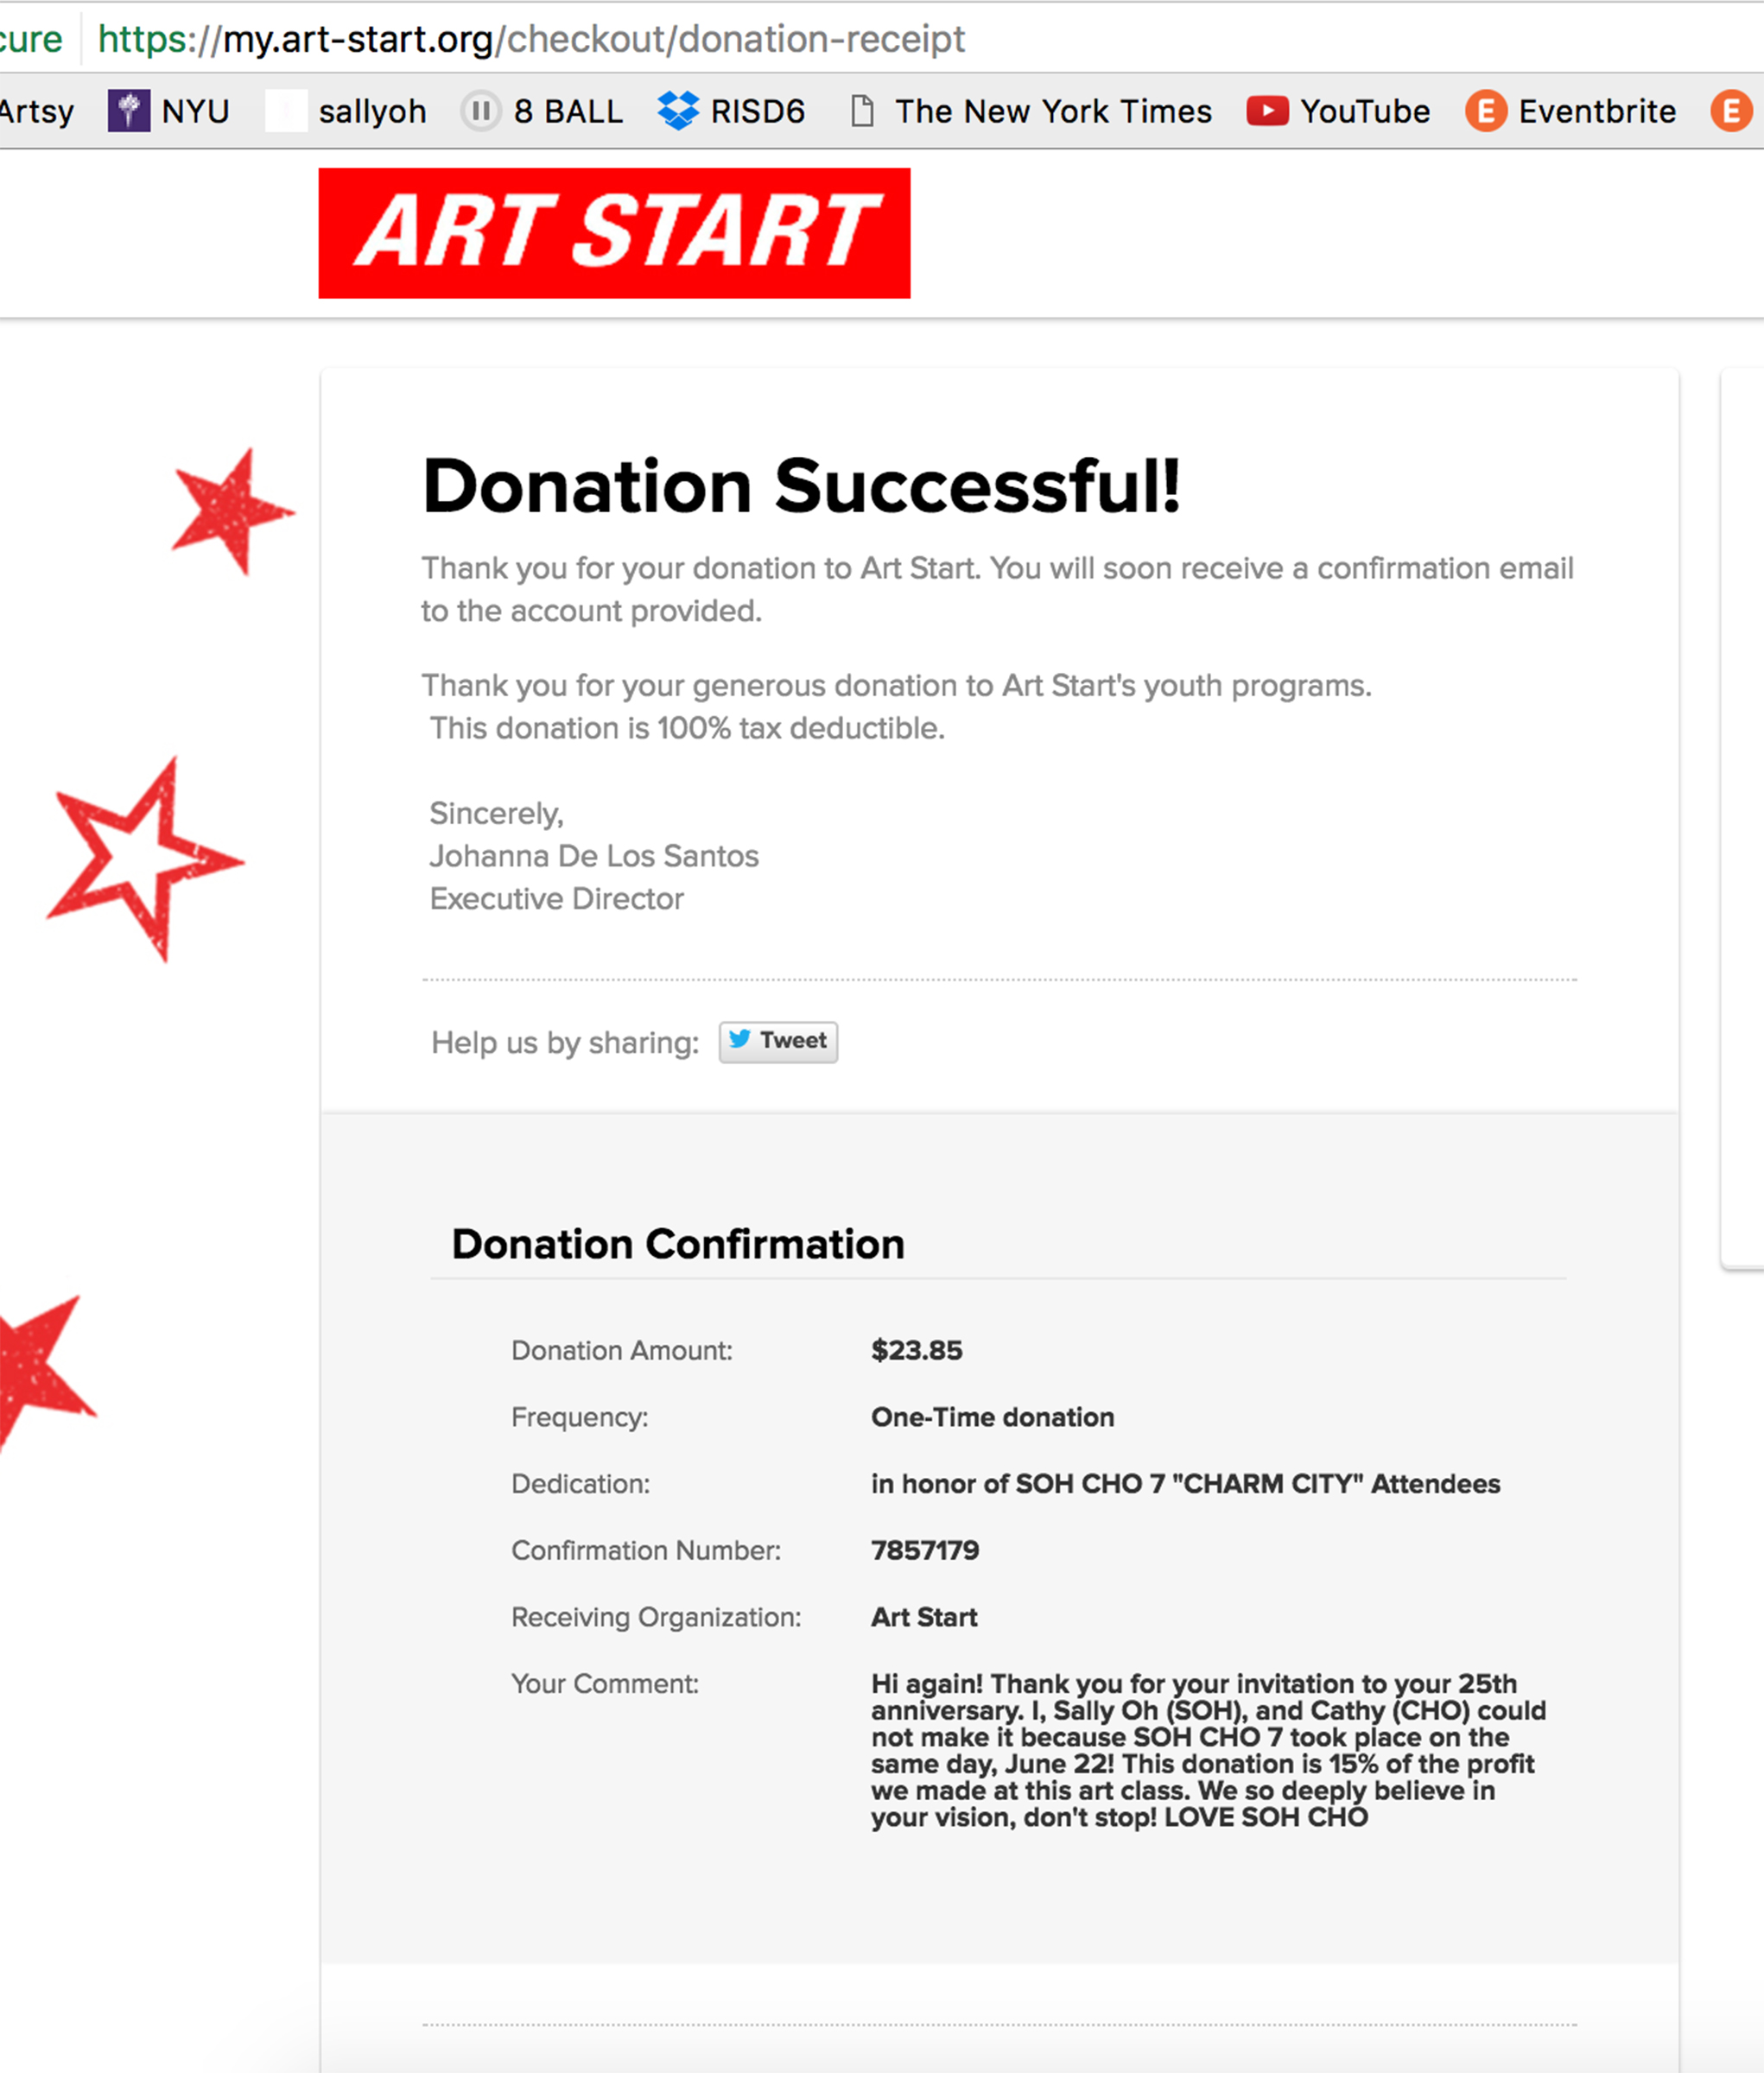 art start donation (15%)